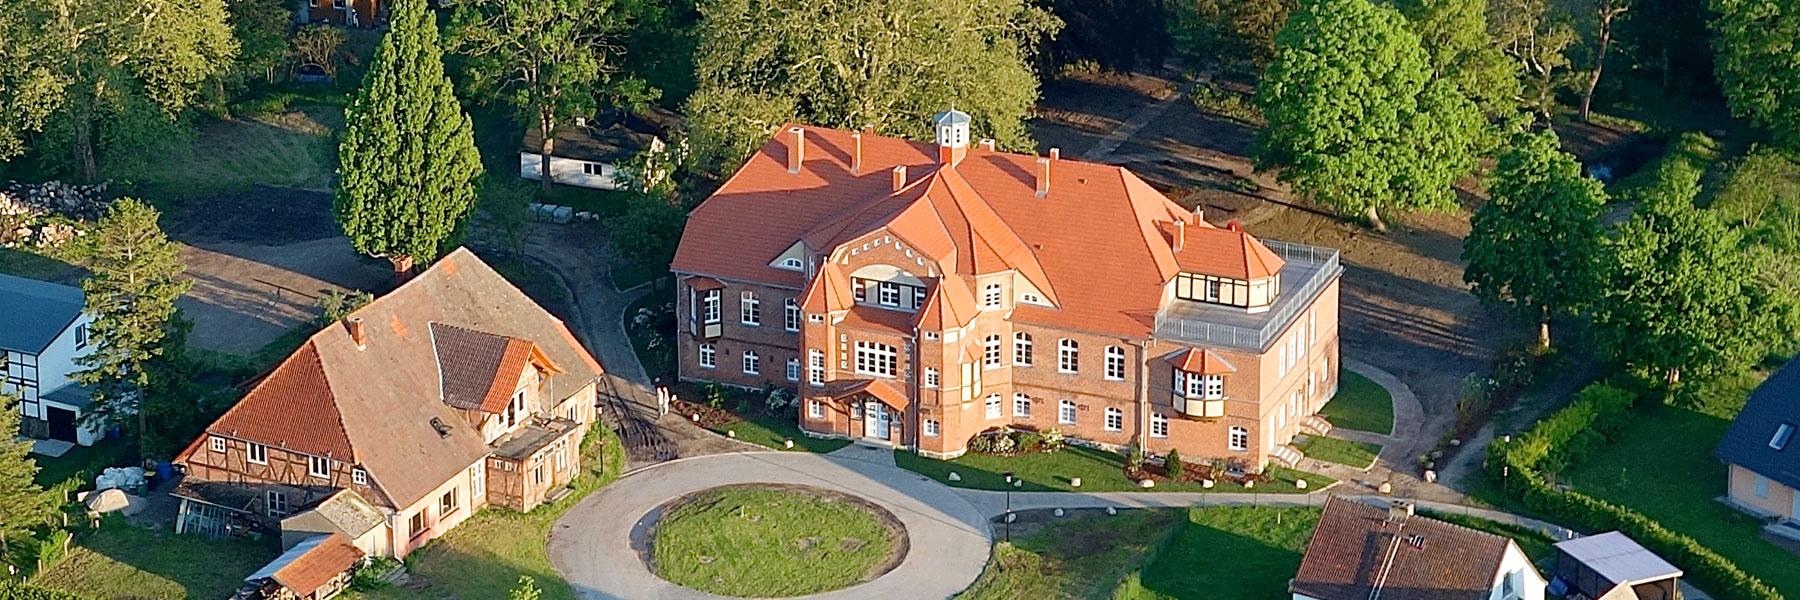 Luftaufnahme - Schloss Pütnitz